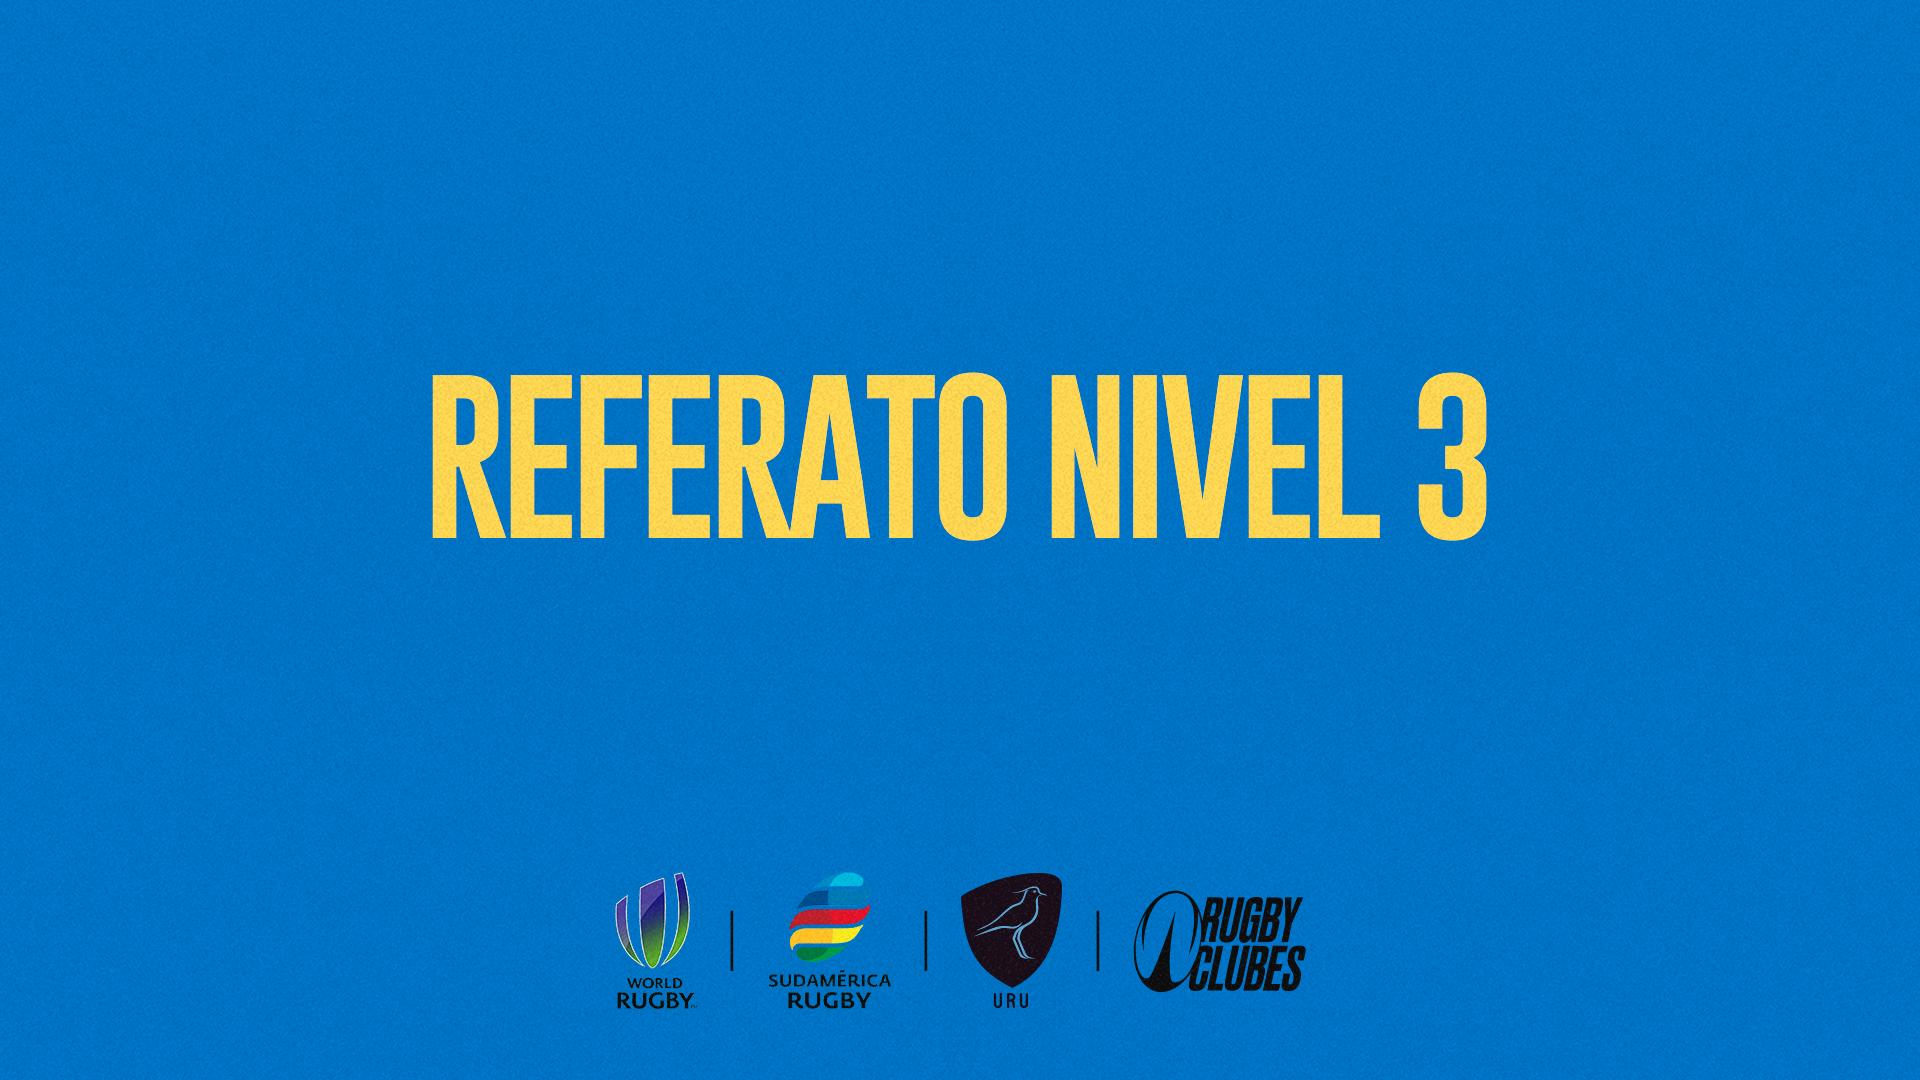 Referato Nivel 3